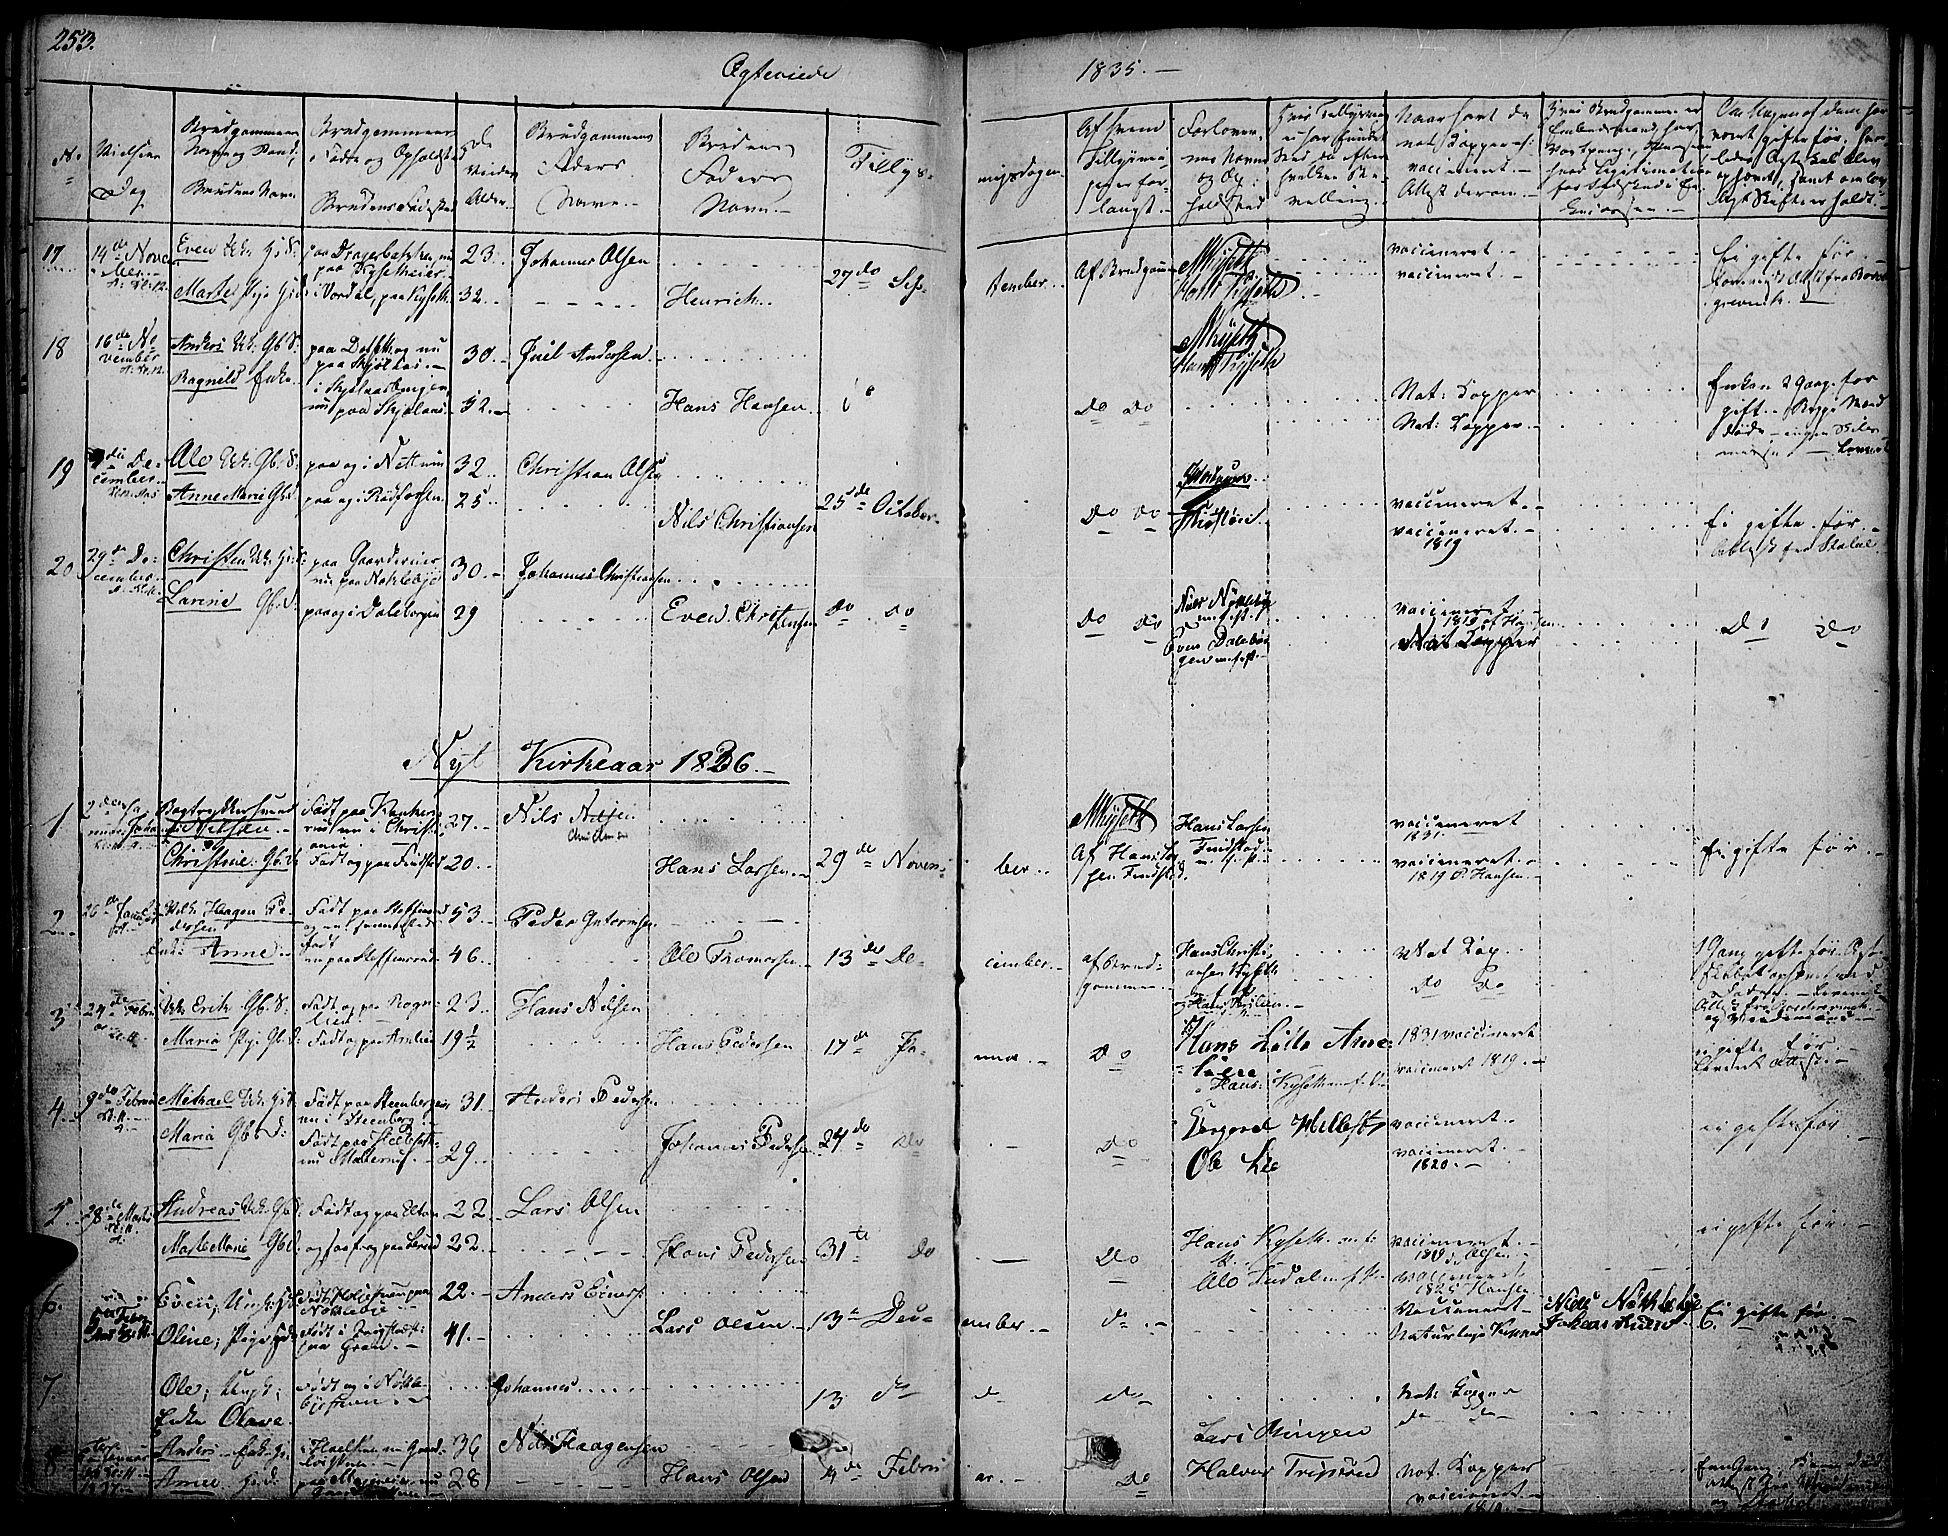 SAH, Vestre Toten prestekontor, Ministerialbok nr. 2, 1825-1837, s. 253